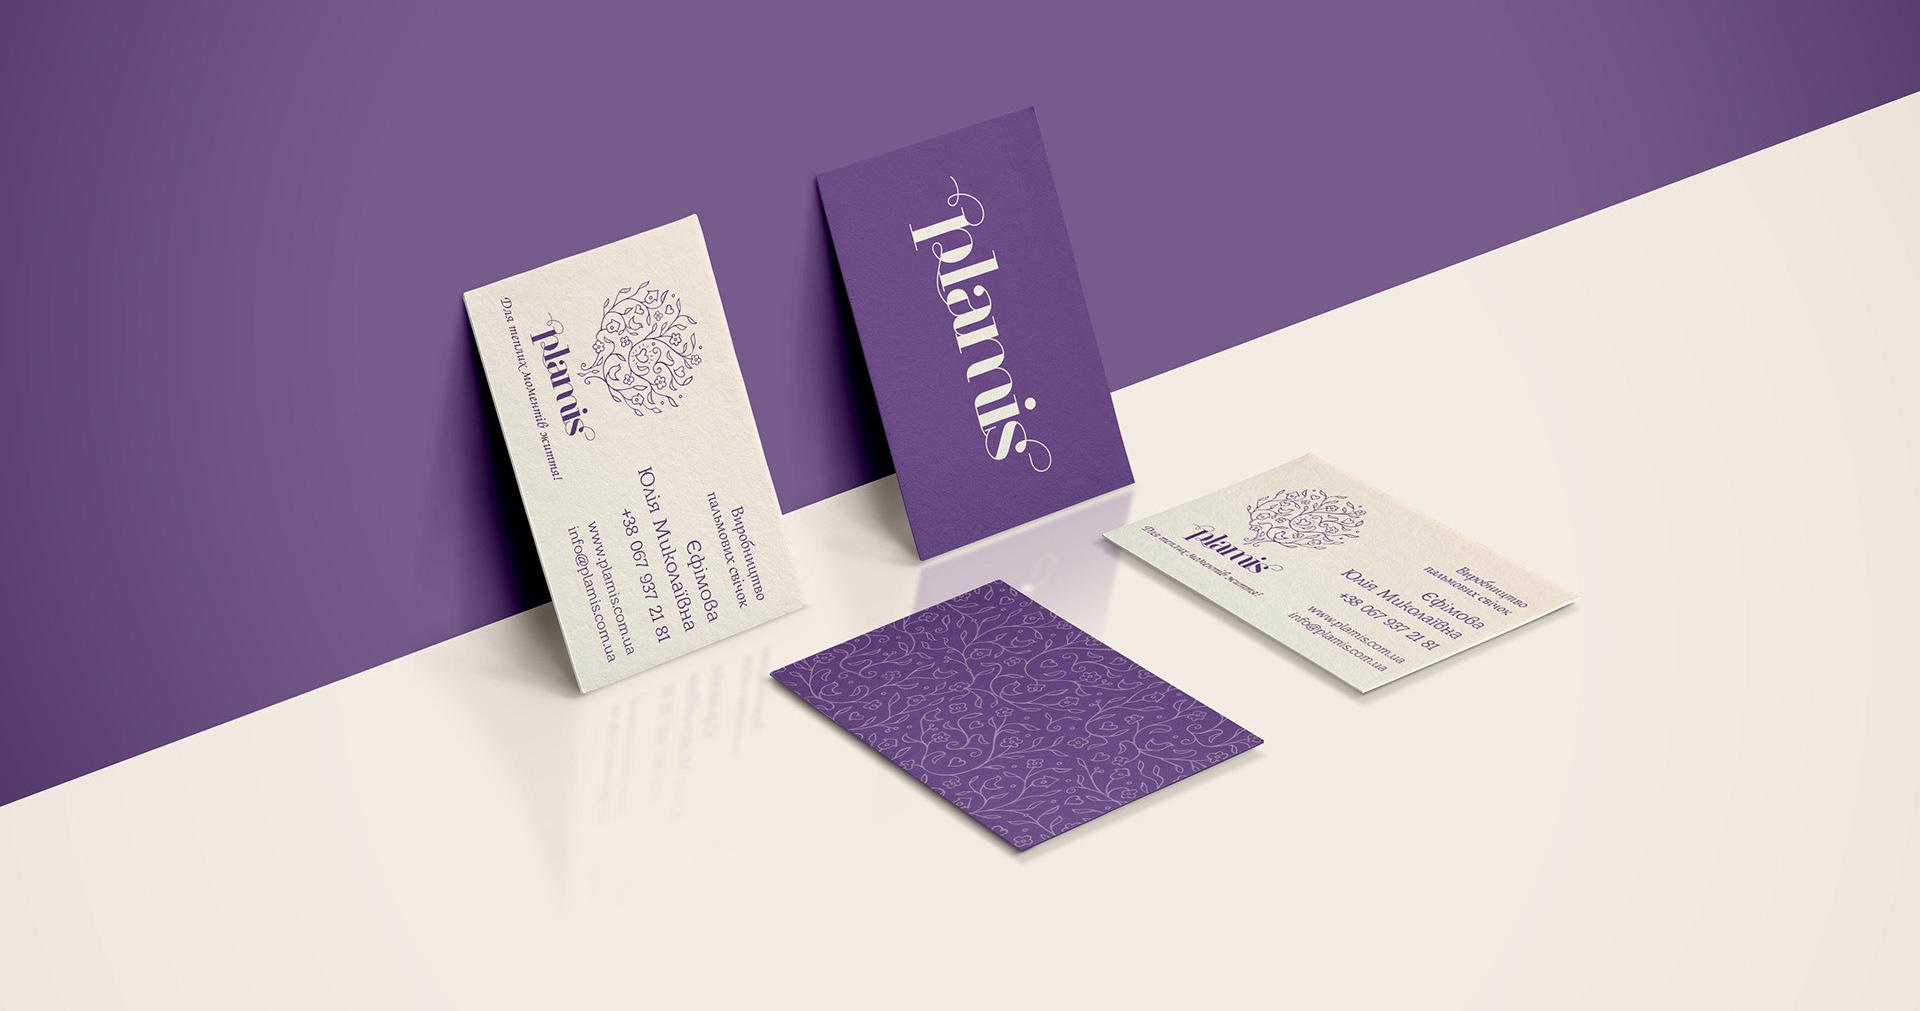 Дизайн визитки магазина свечей, Candle shop business cards design